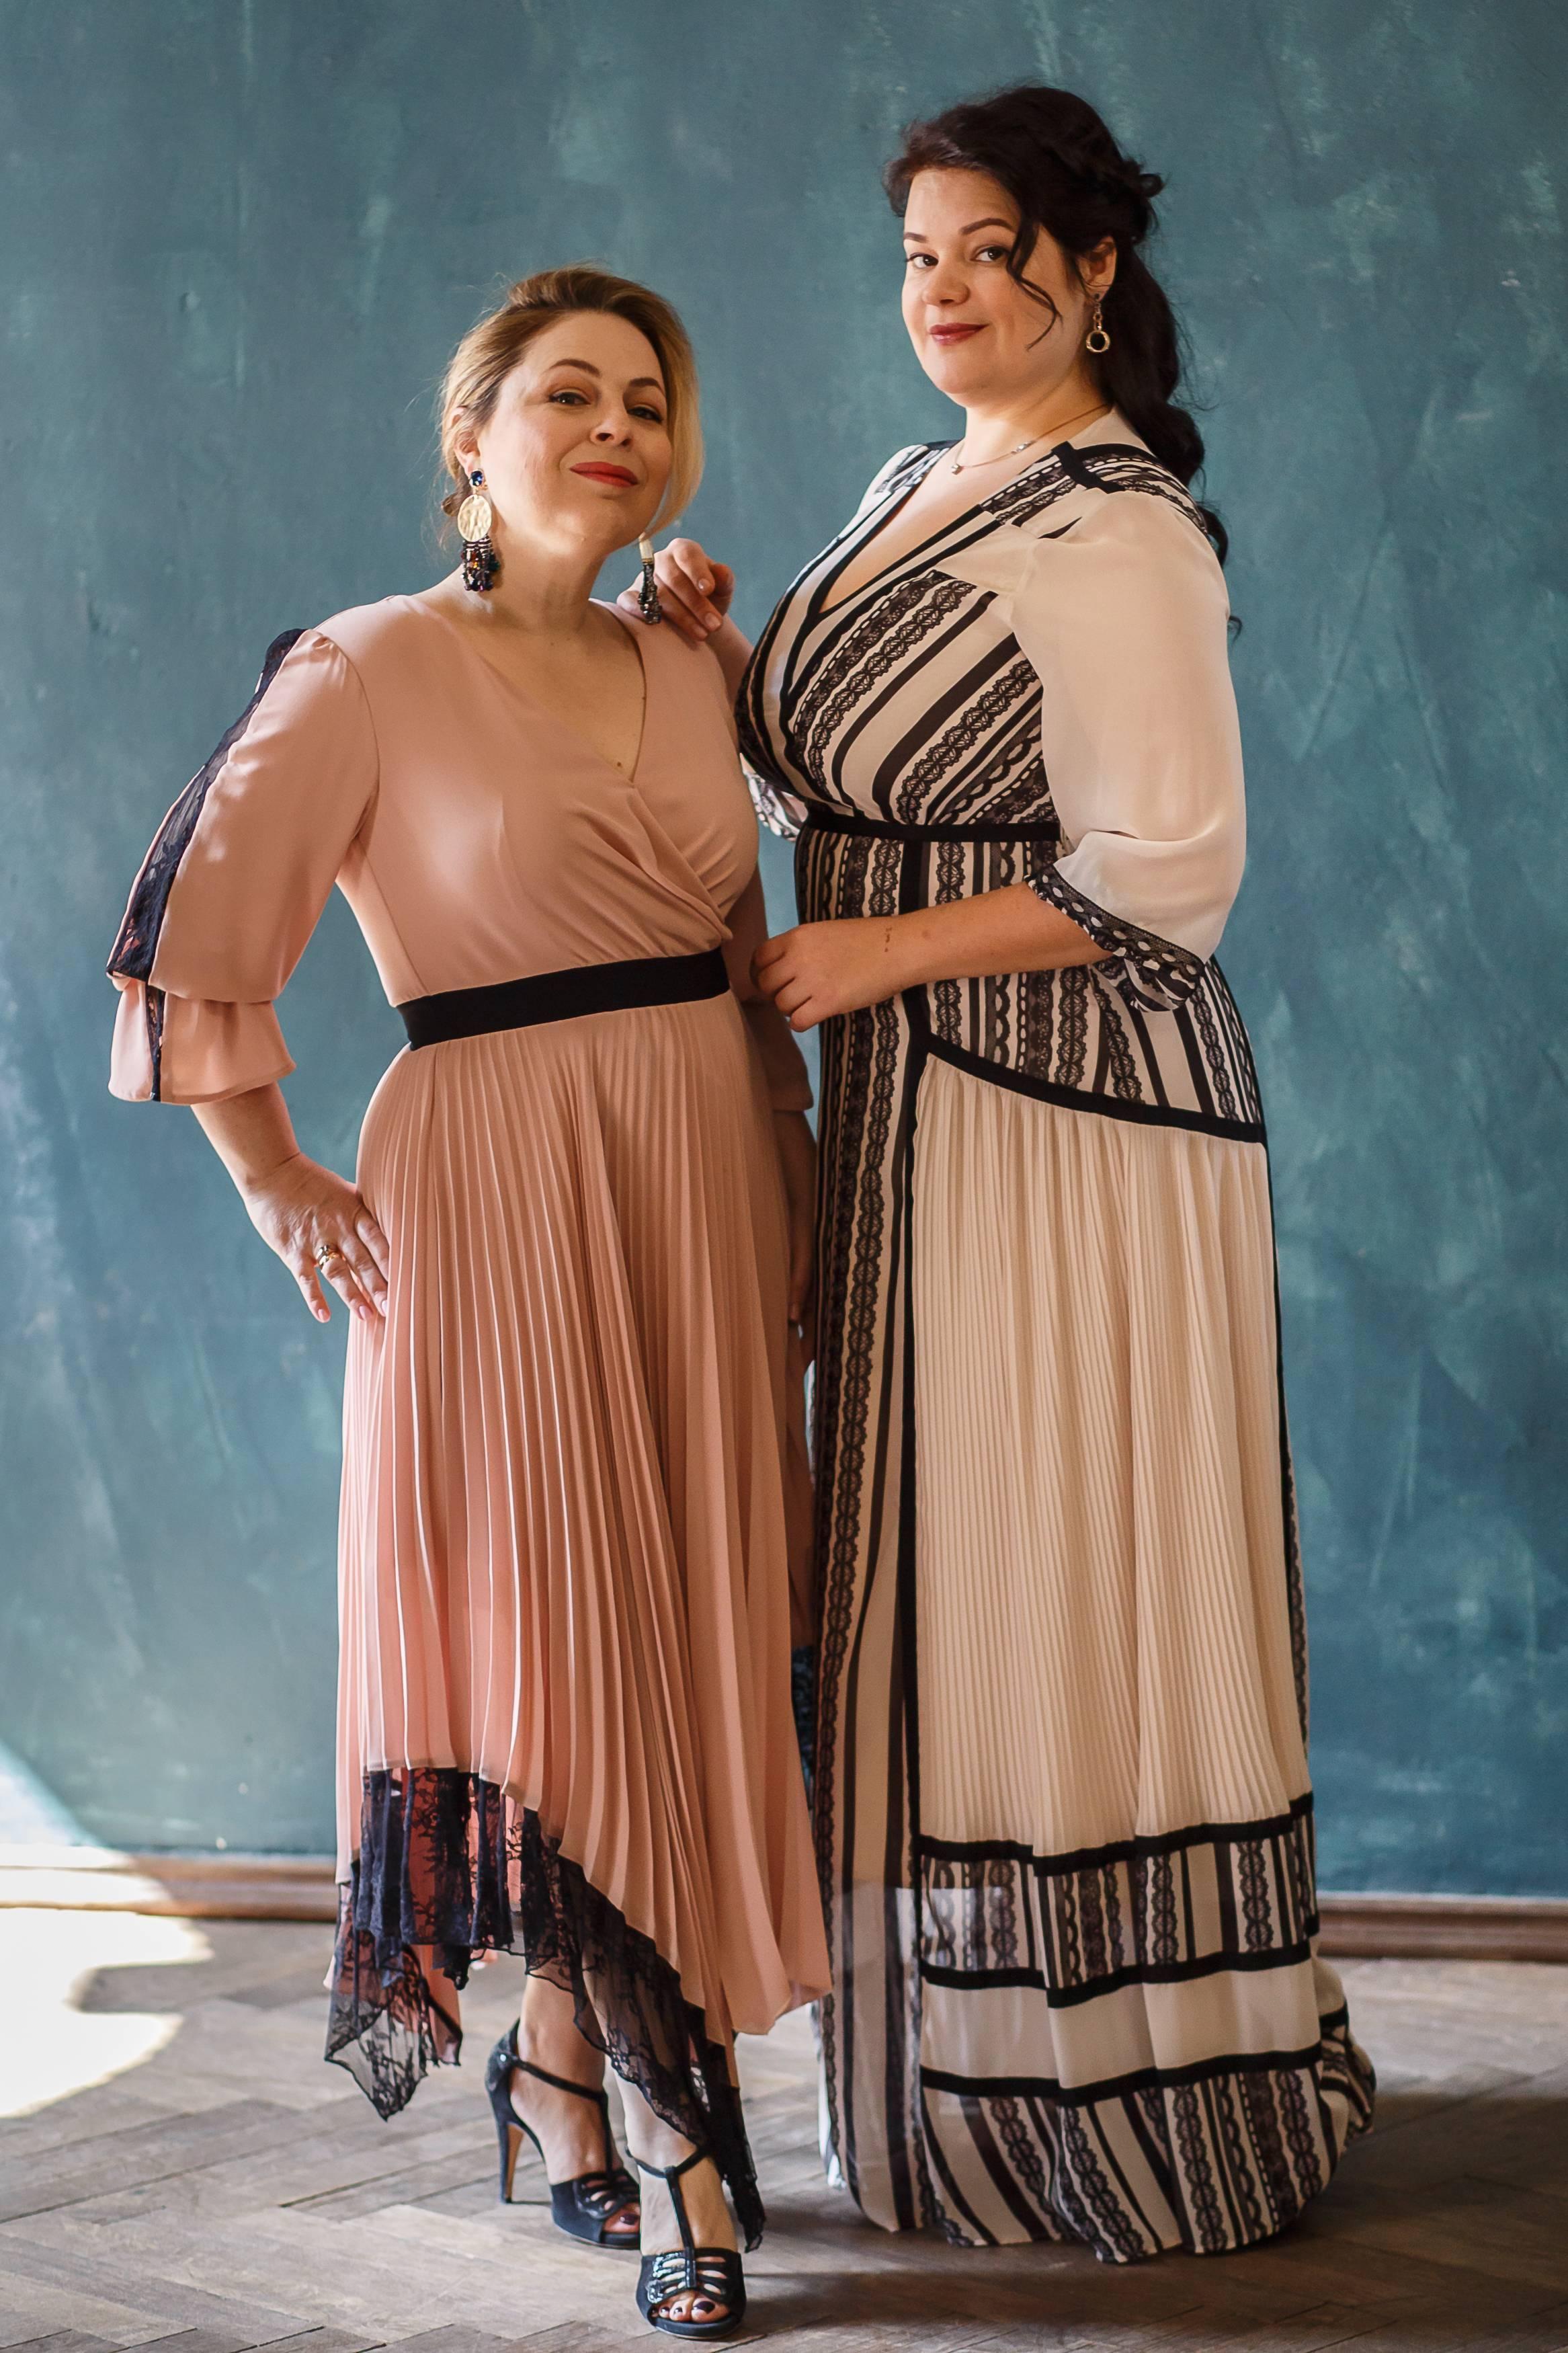 как одеваться полной девушке женщине одежда больших размеров как найти свой стиль